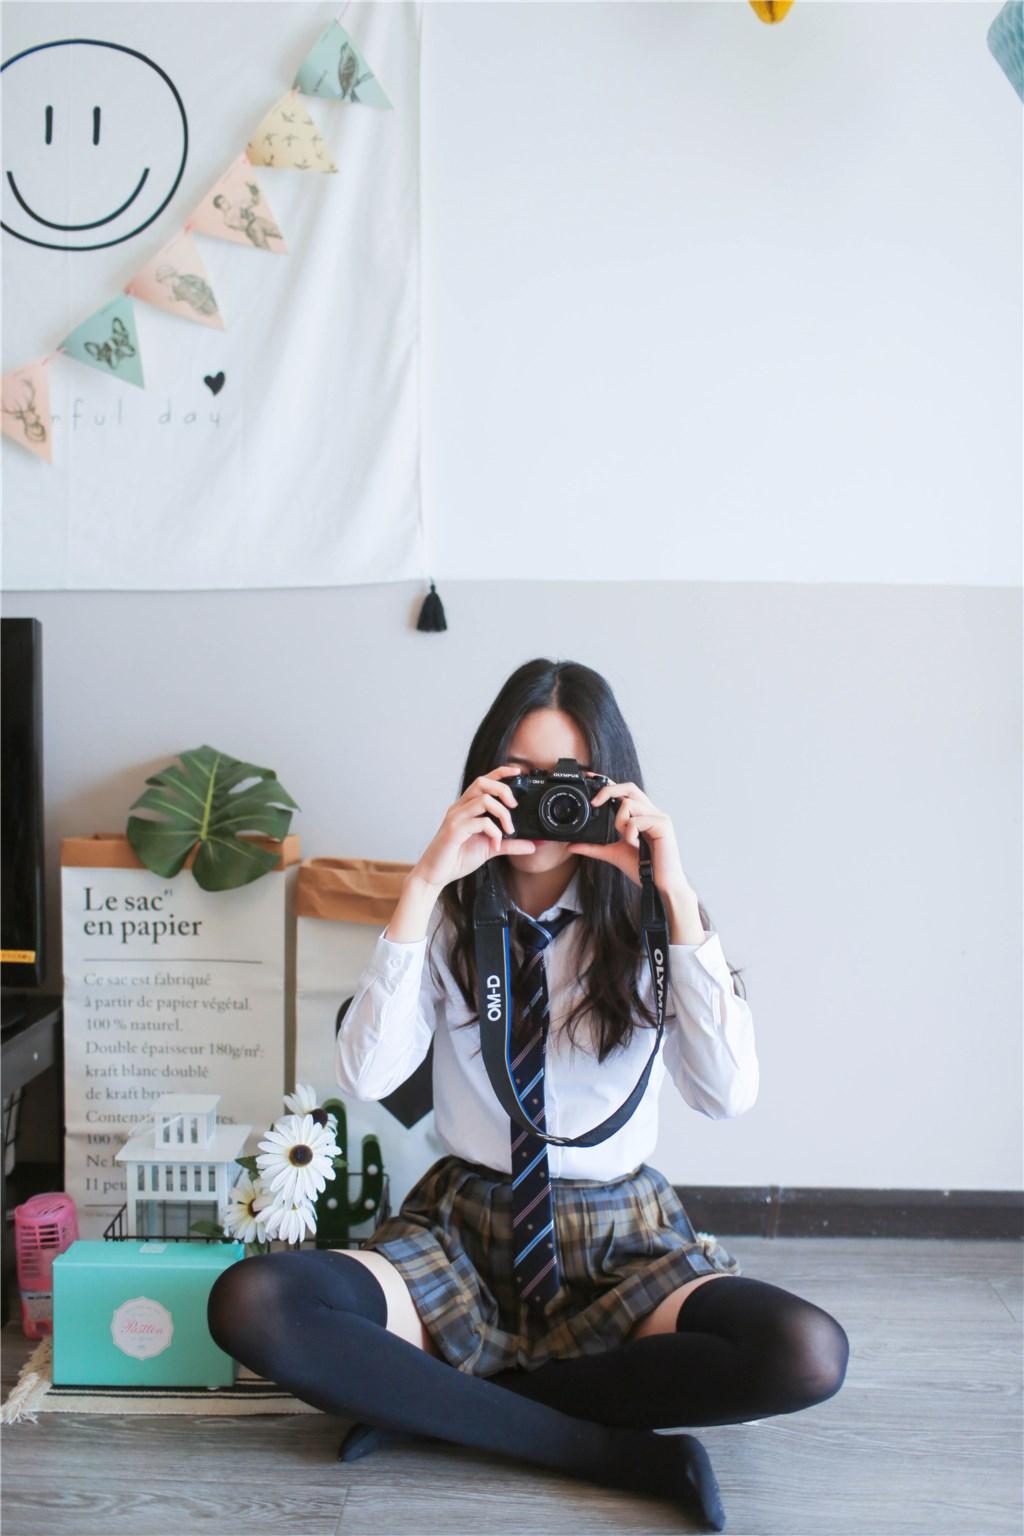 【兔玩映画】衬衫格裙 兔玩映画 第17张